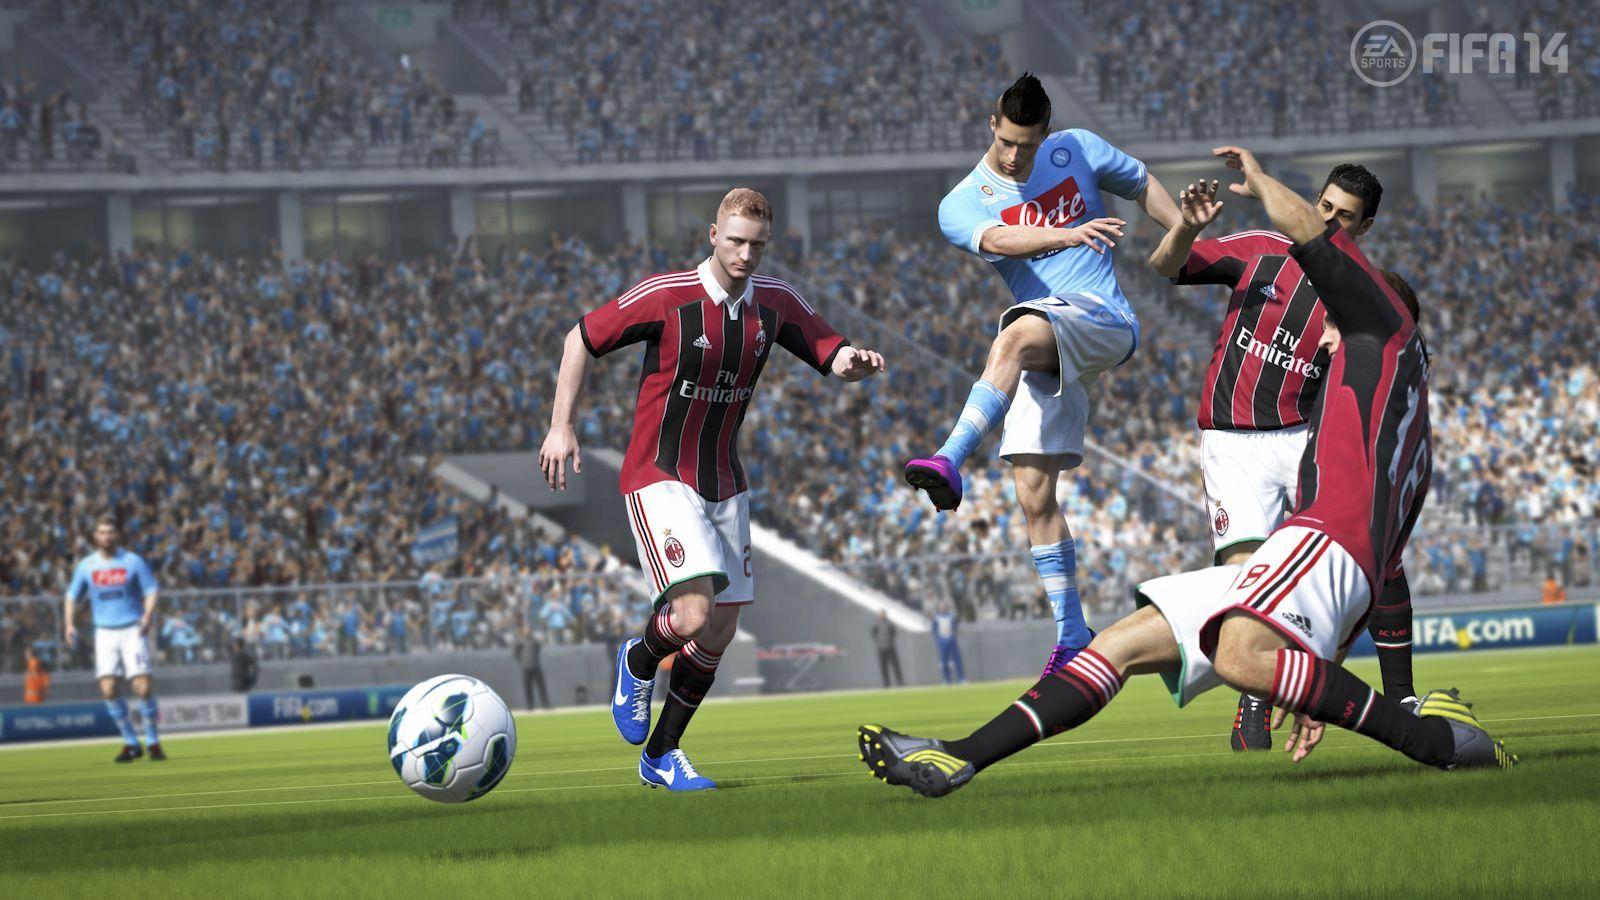 Ti piace il videogioco FIFA? Fai il nostro quiz!